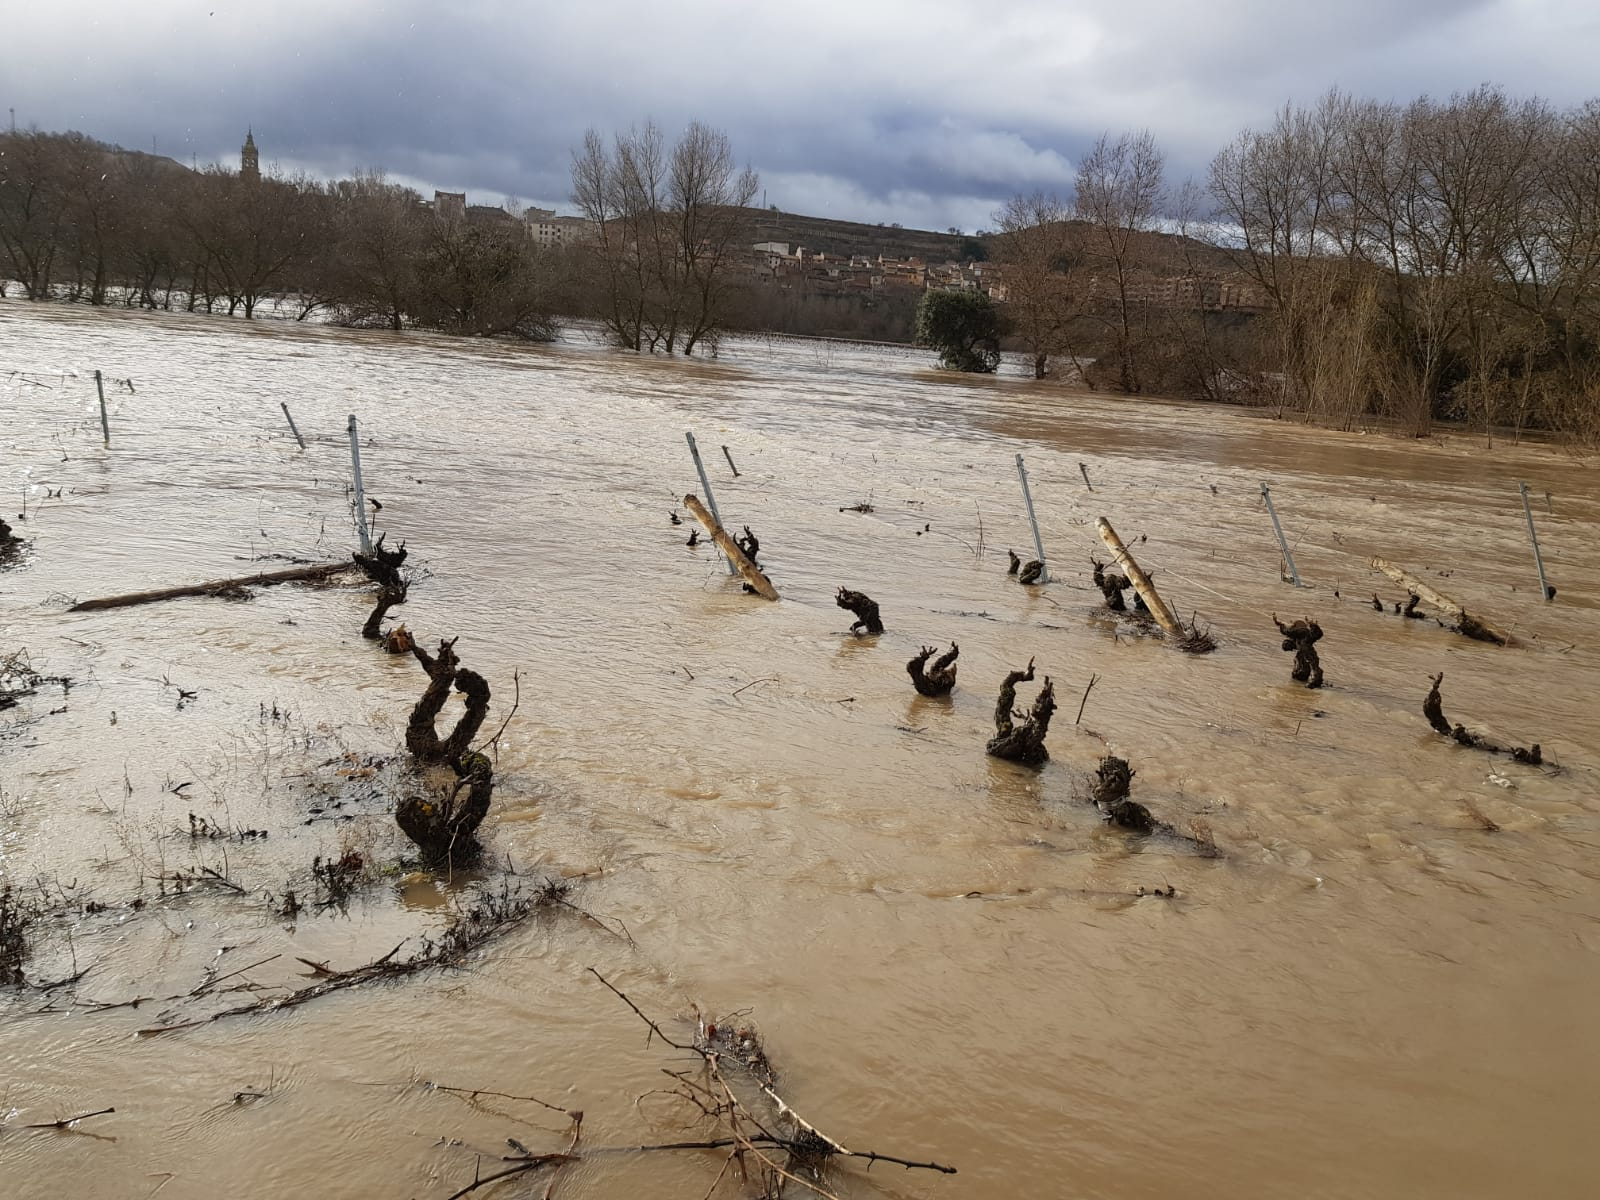 Paraje de 'La Campanilla' en Cenicero | 25 de enero de 2019 | Foto: David Castro (Garañango)